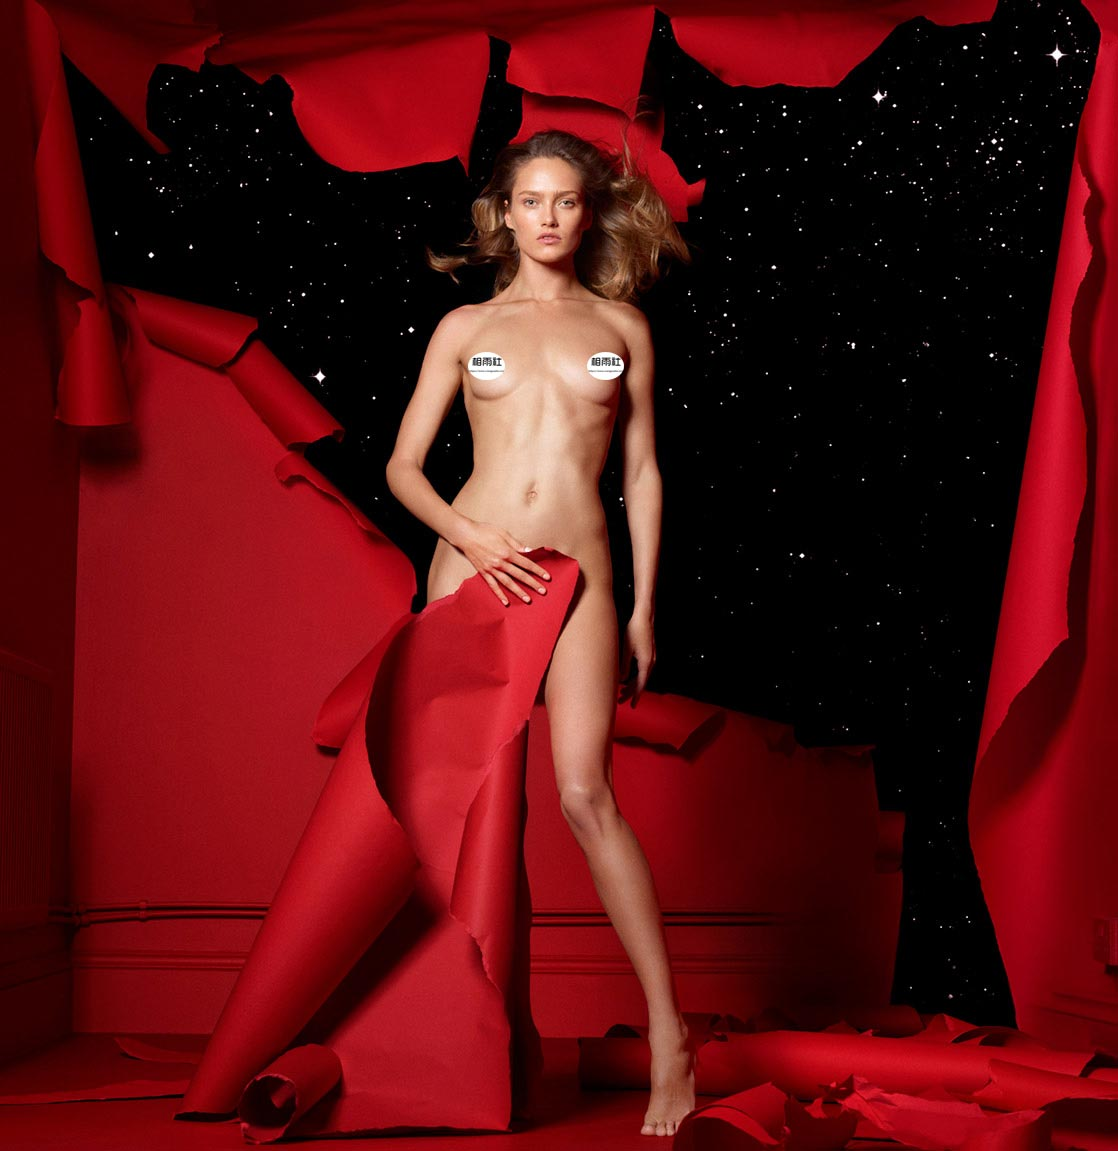 Antidote 杂志 red room的超现实主义大片 时尚图库 第11张